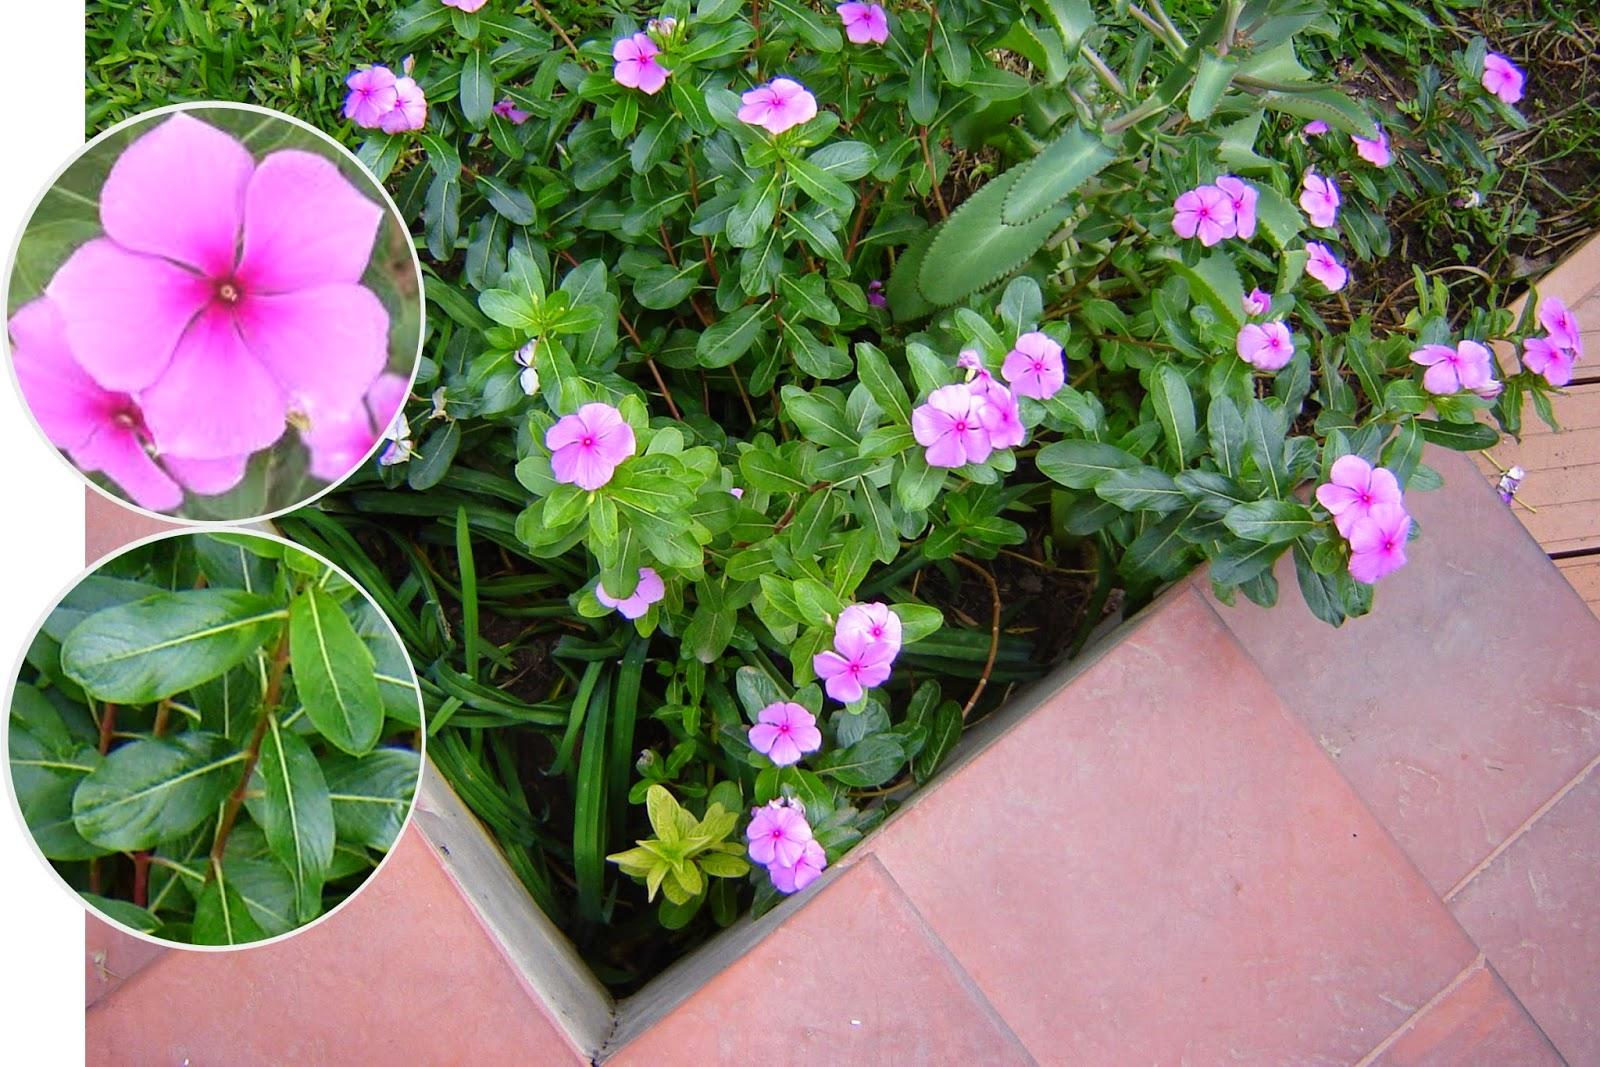 V e r d e c h a c o vinca rosa vincapervinca - Alegria planta cuidados ...